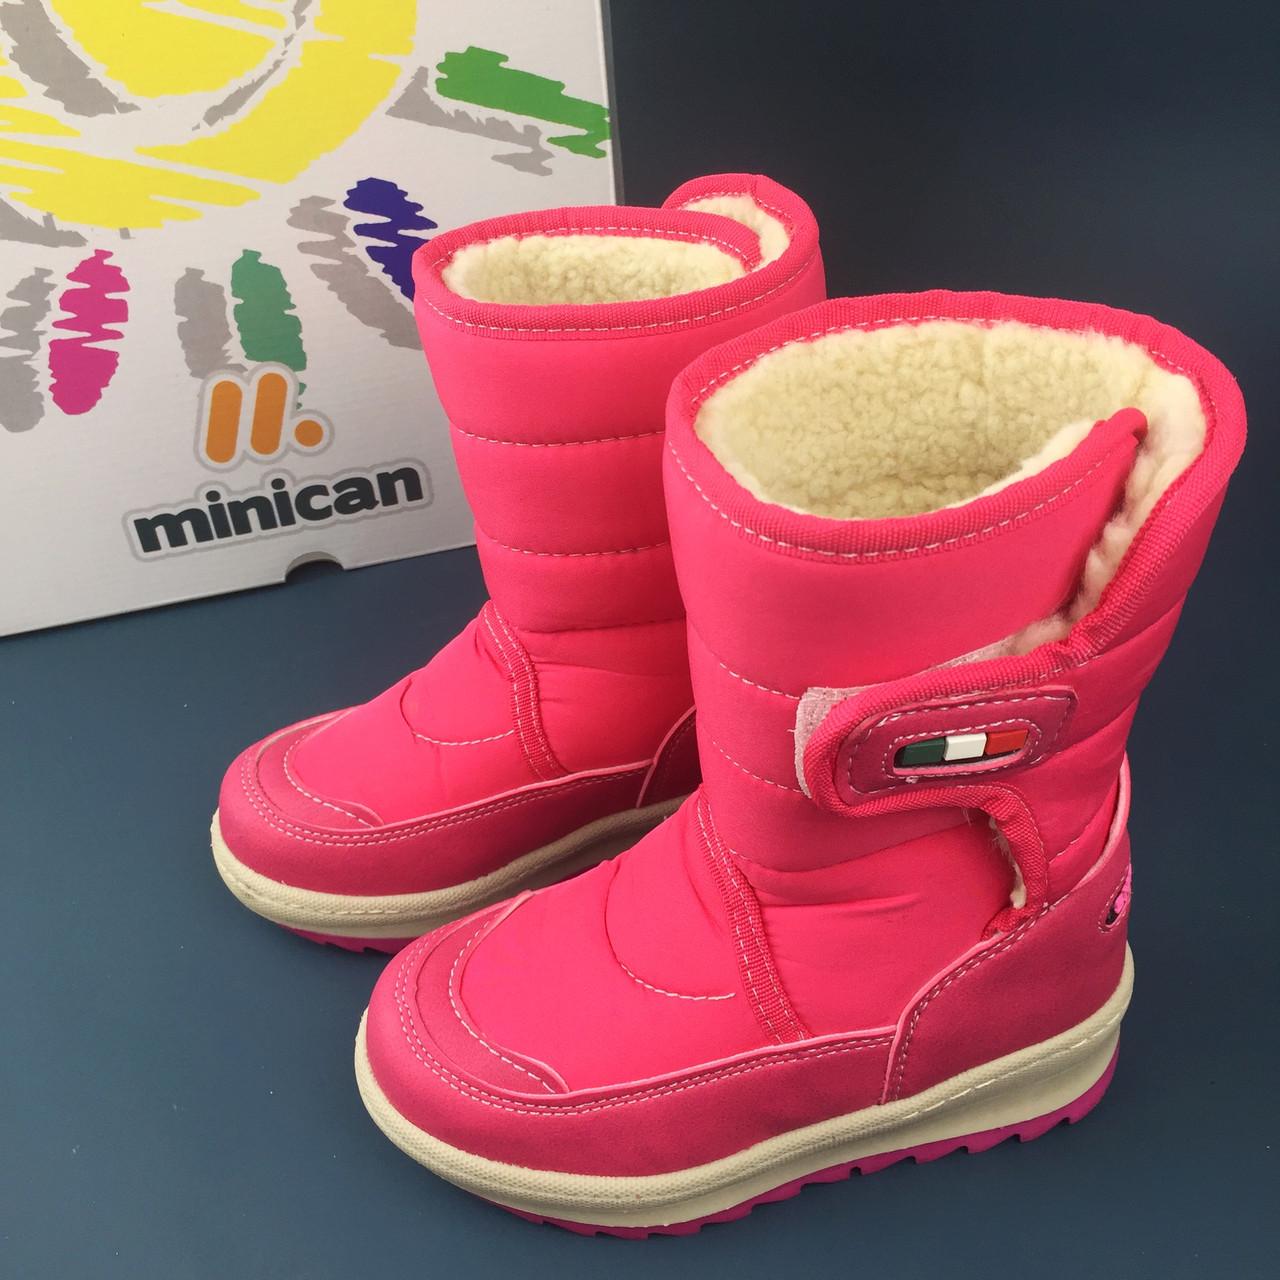 MINICAN обувь зимняя розовые сапожки сапоги детские дутыши аляска для девочек